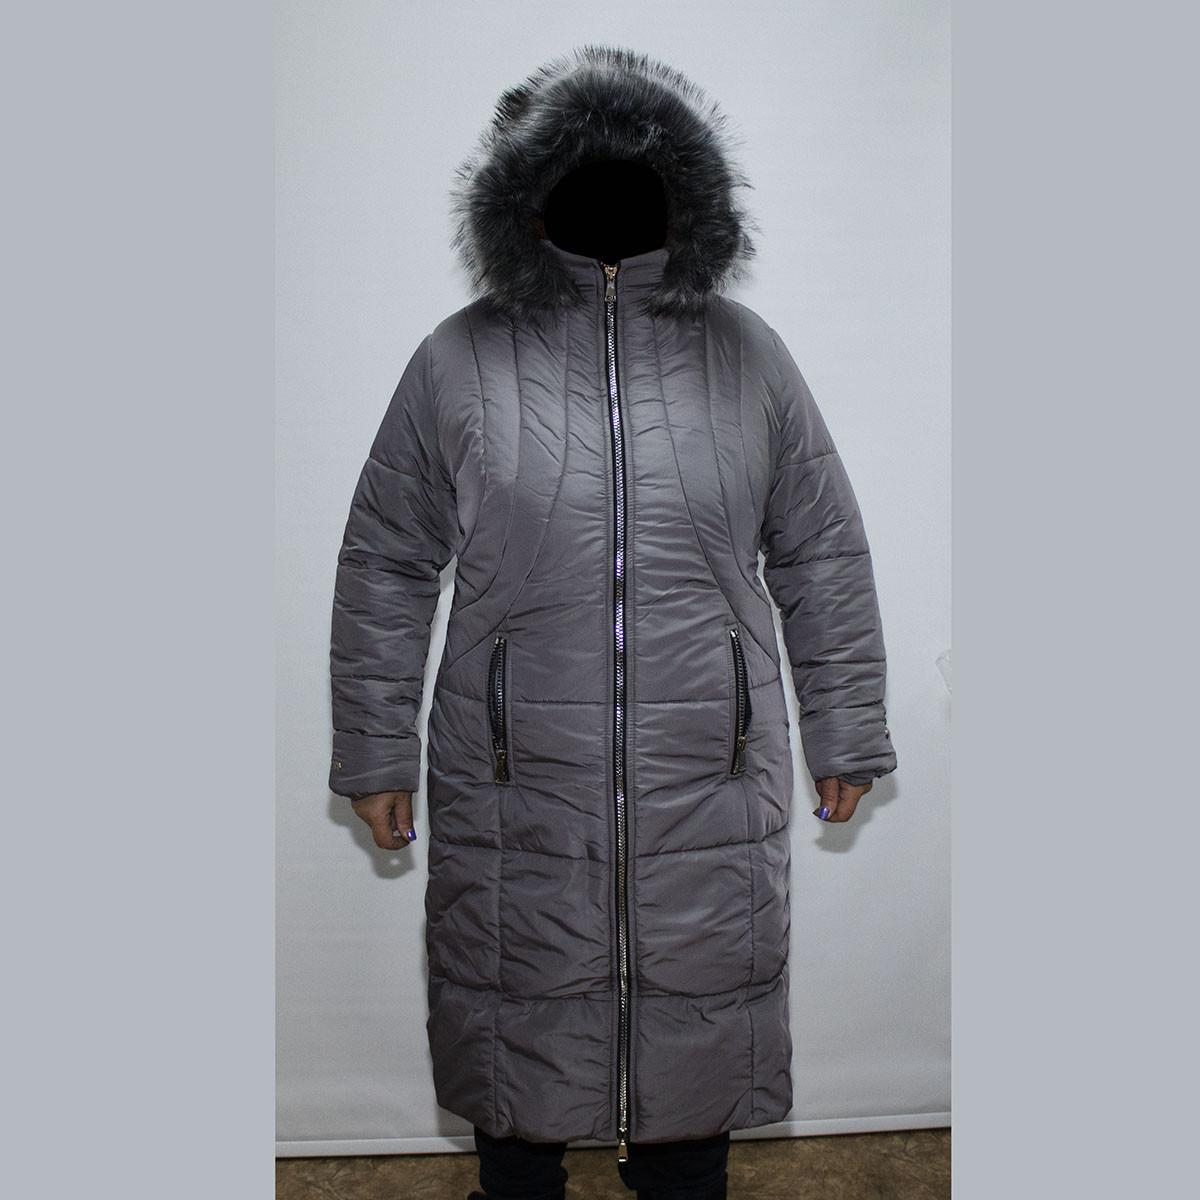 8e6ebbd0e46 Пальто женская зимняя большого размера 58-64 K1955G оптом и в ...